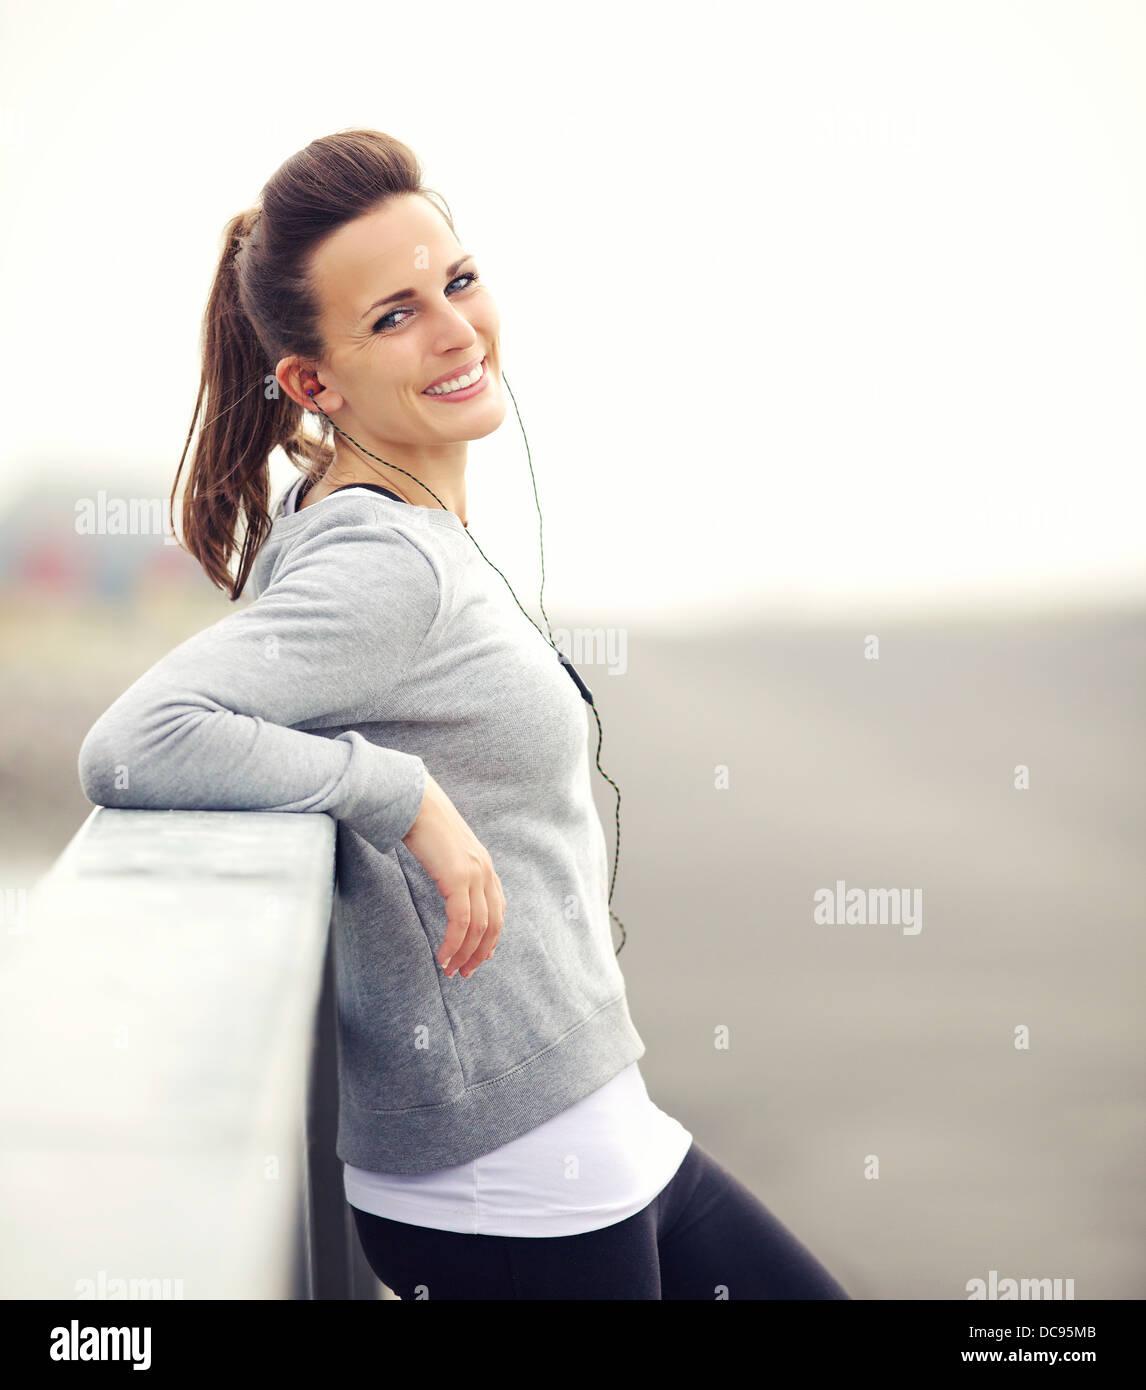 Lächelnde Frau, die ihren Durchbruch nach dem laufen Stockbild